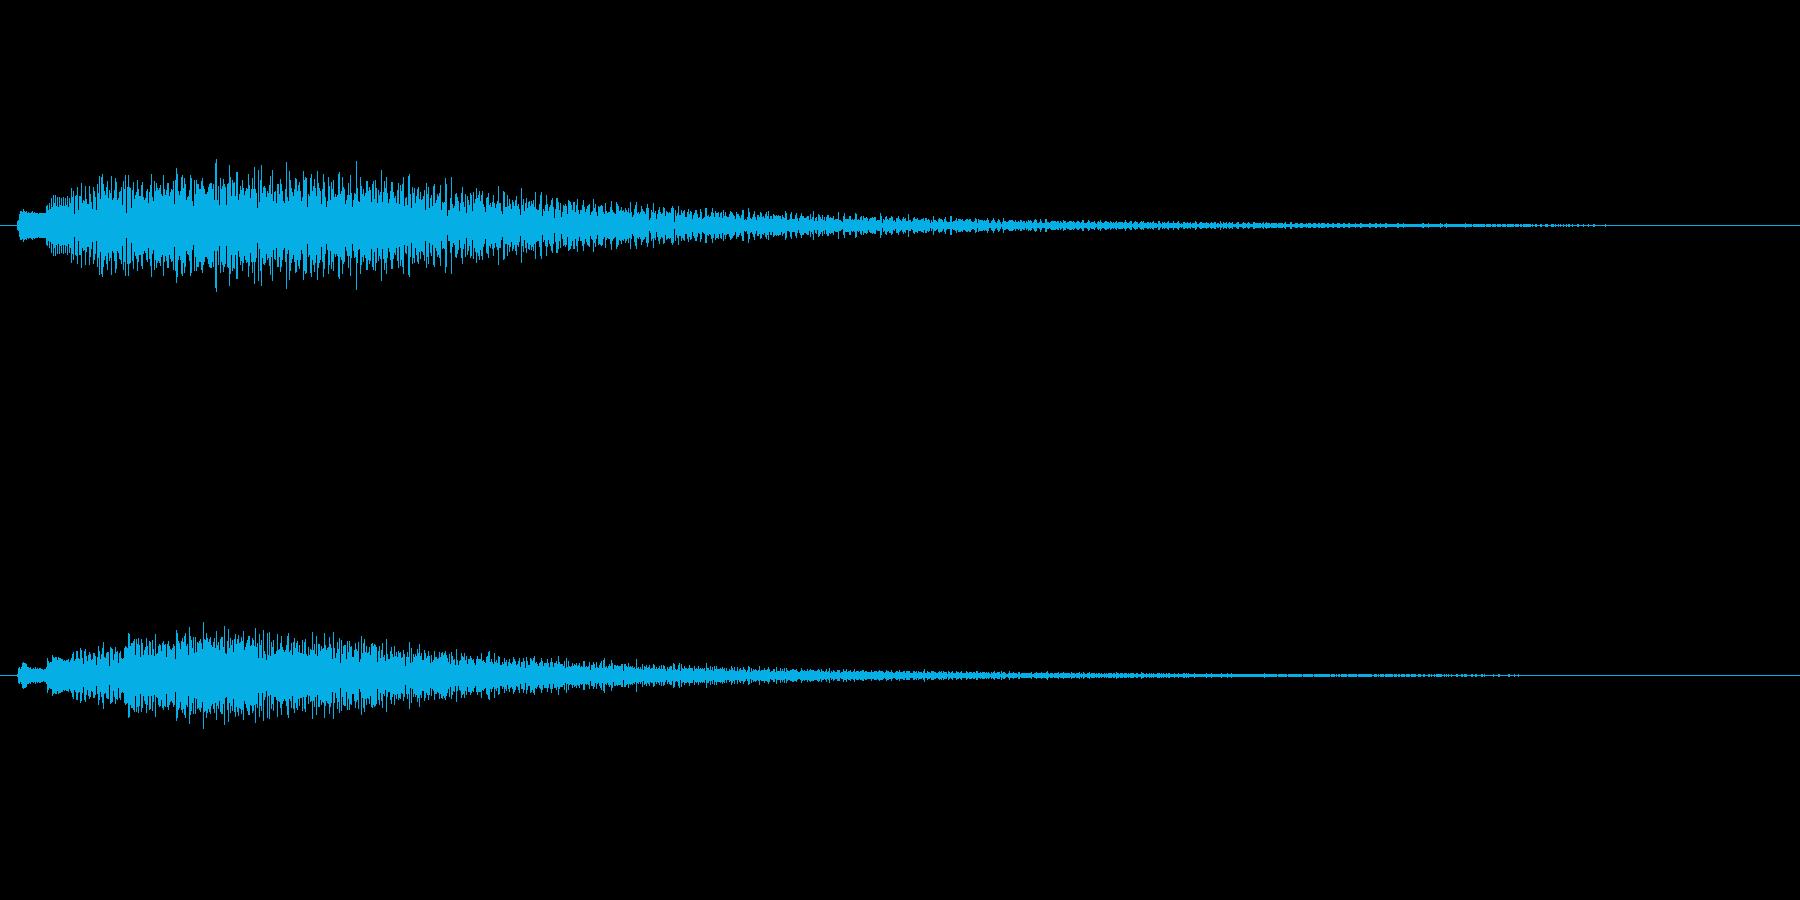 「キラキラキラリン (優しい感じ)」の再生済みの波形